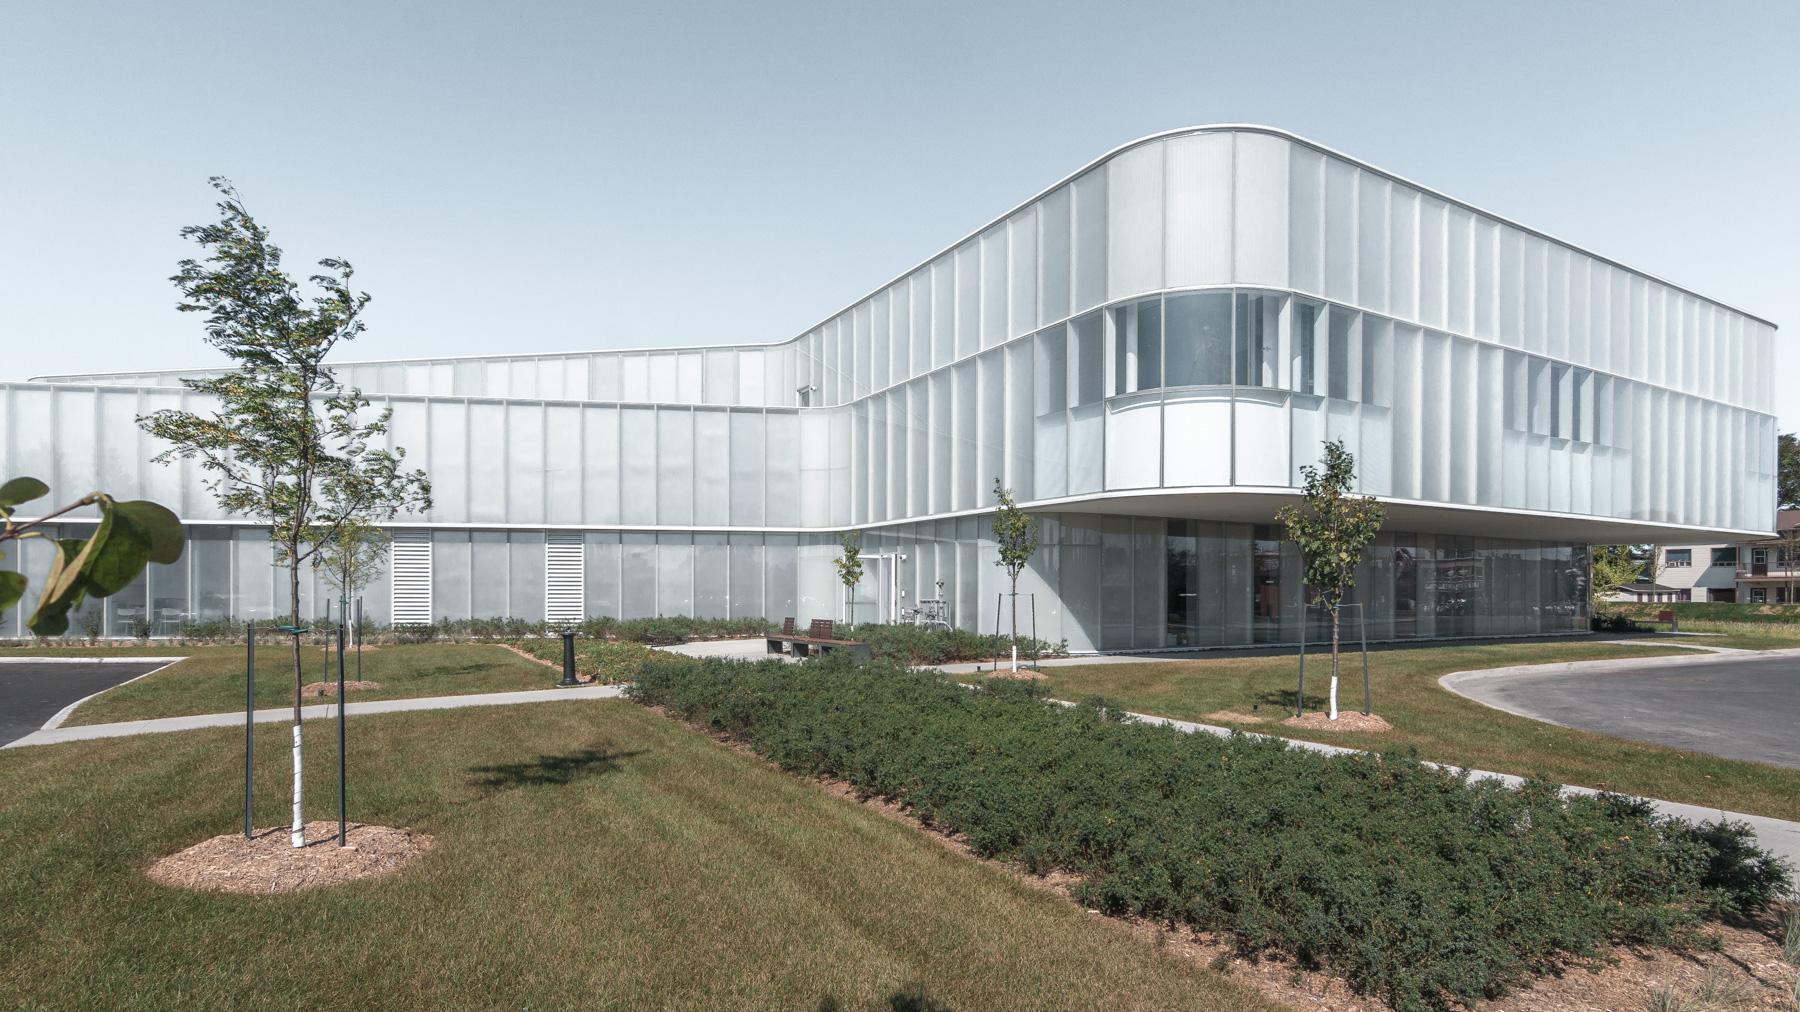 La Bibliothèque publique finaliste pour un prix en architecture